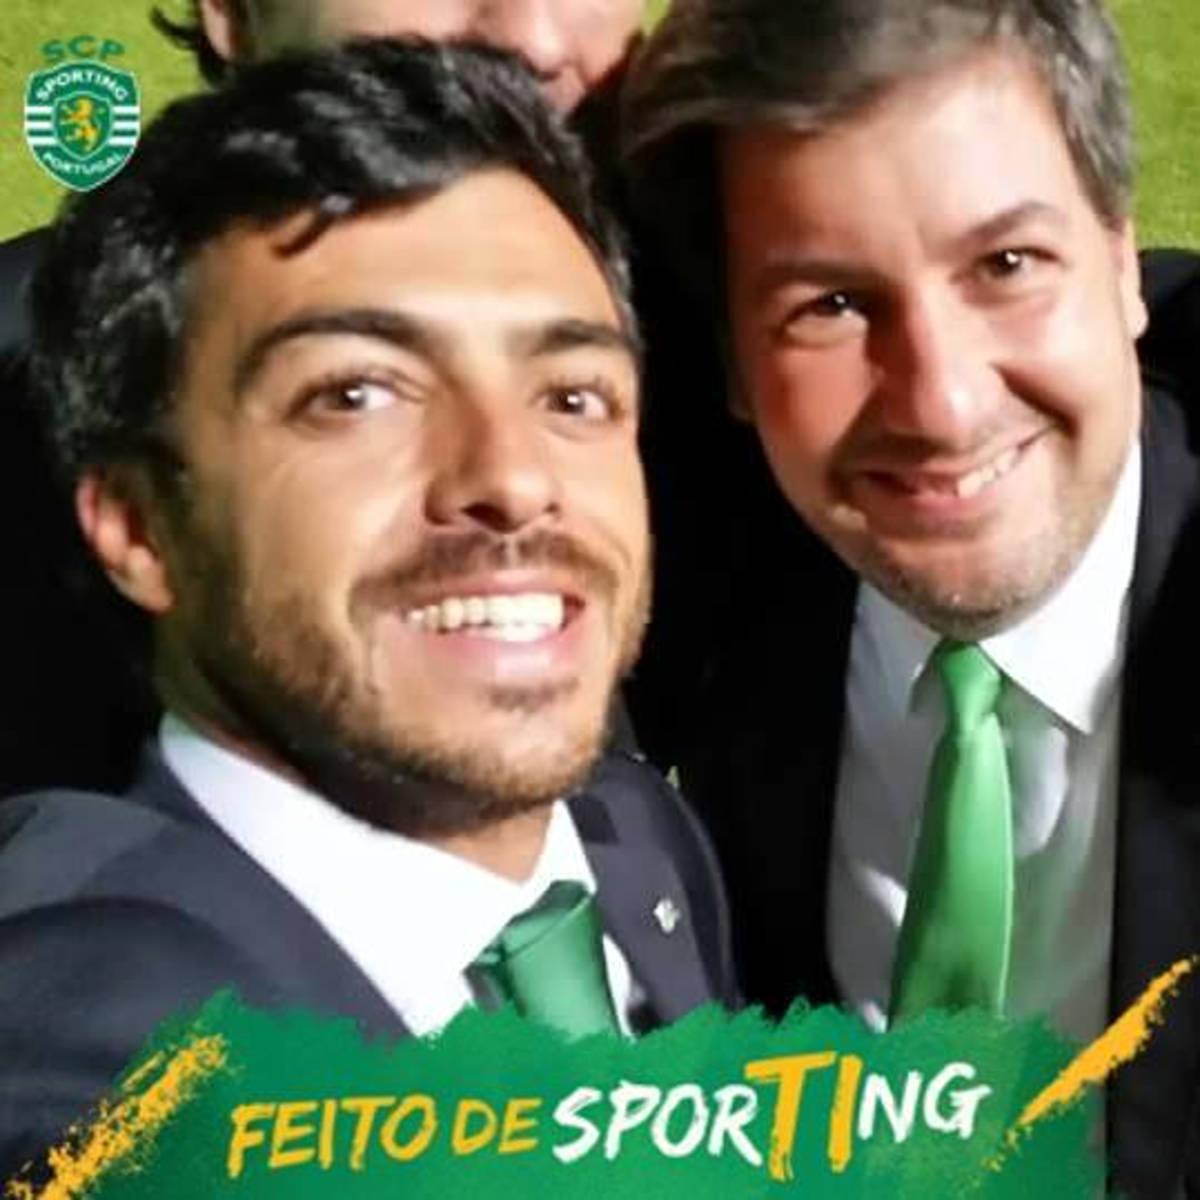 Integração e Justiça para Bruno de Carvalho, e Outros Sócios!